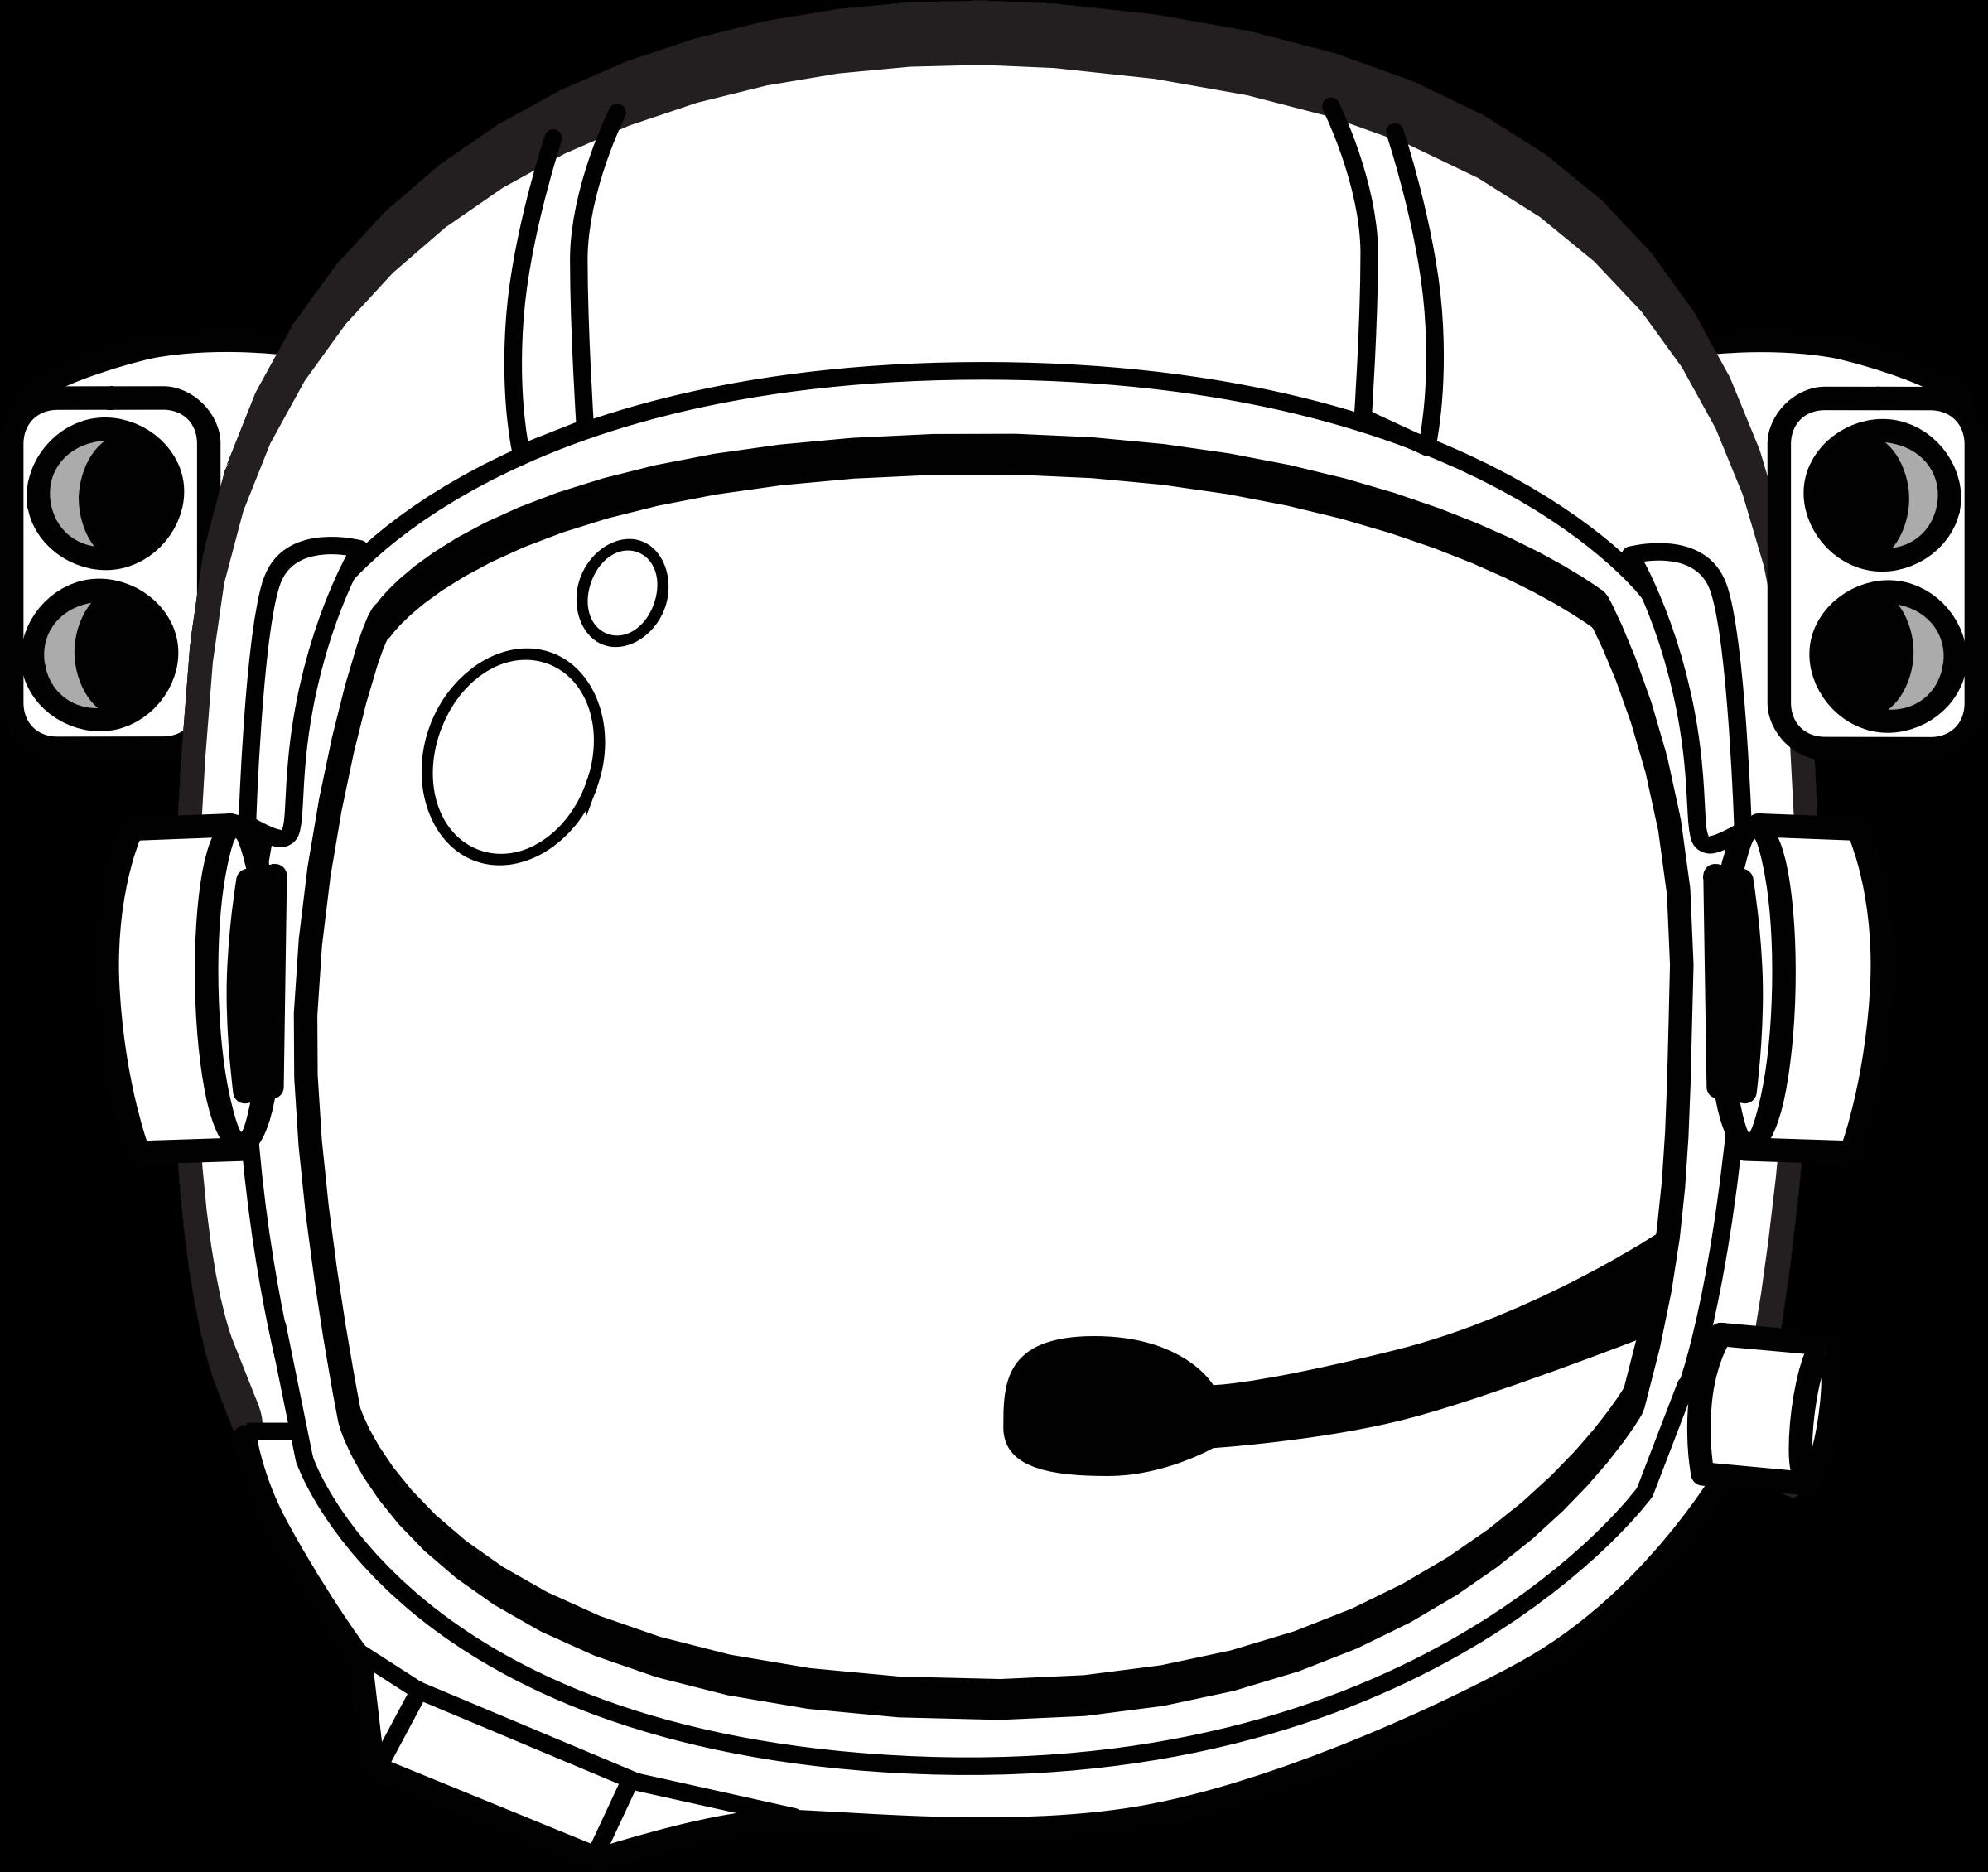 Astronaut clipart outline, Astronaut outline Transparent.